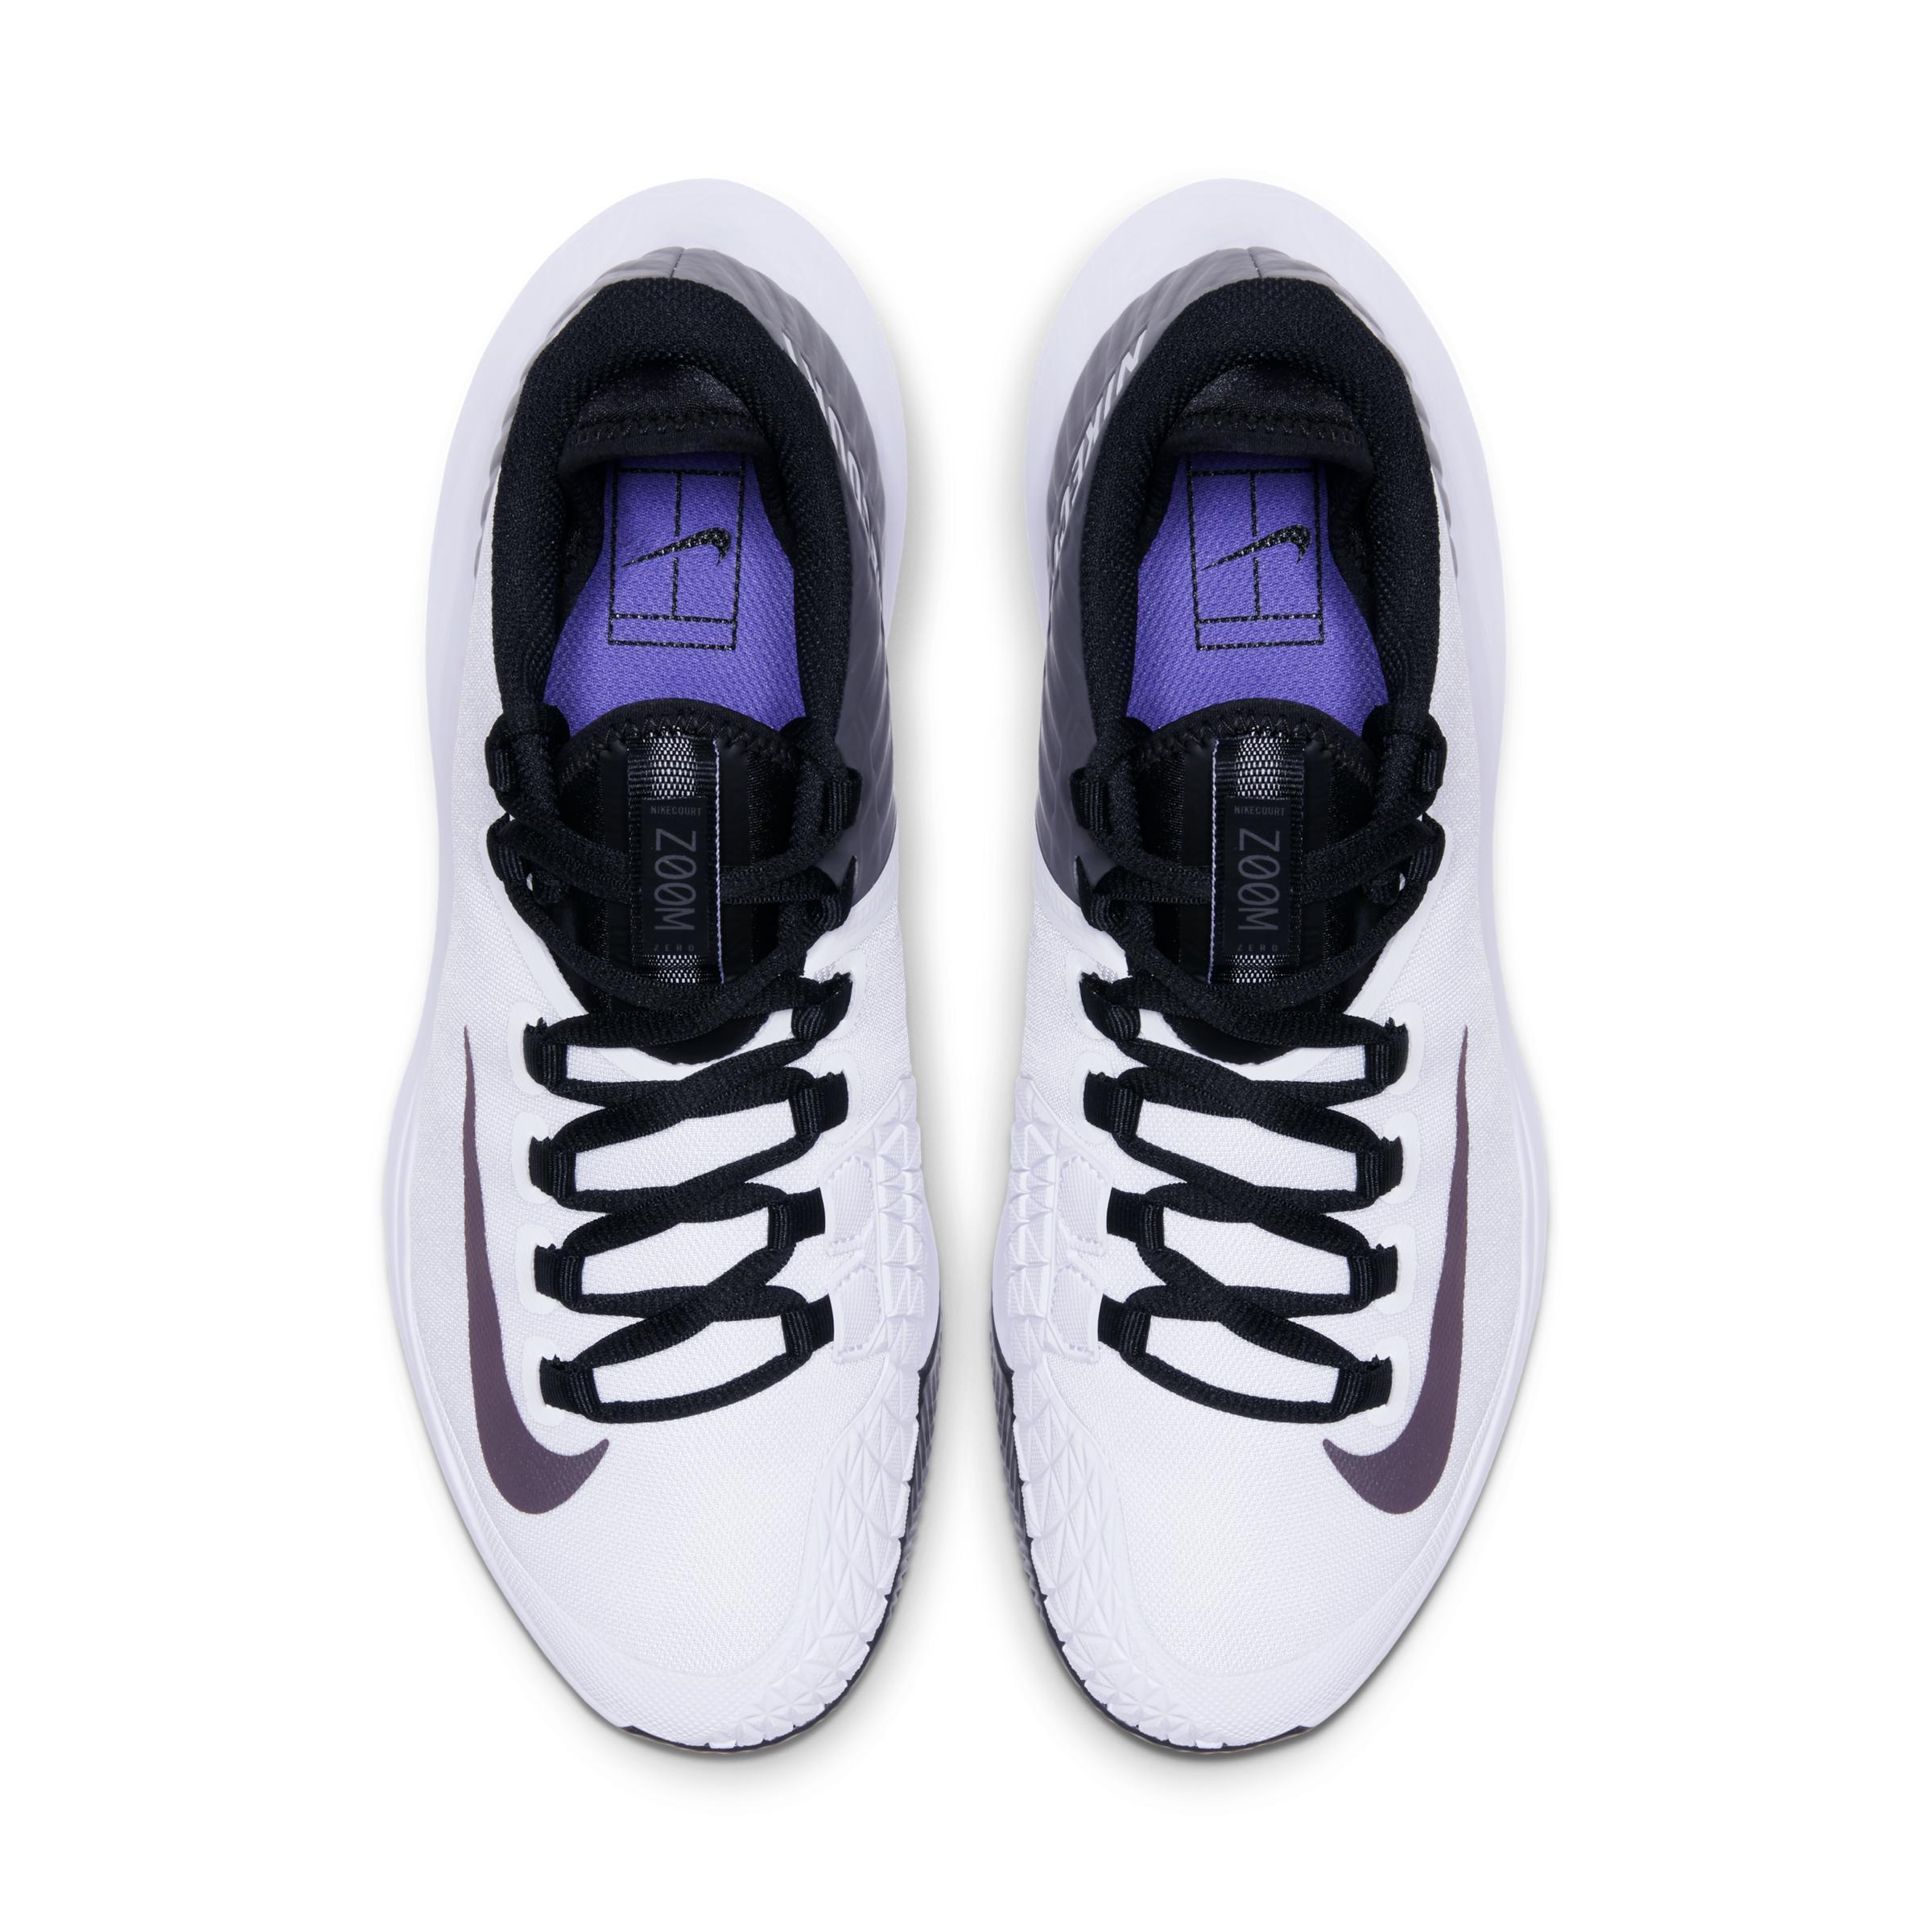 Court Air Zoom Zero Zapatillas de tenis para tierra batida Nike de color Blanco